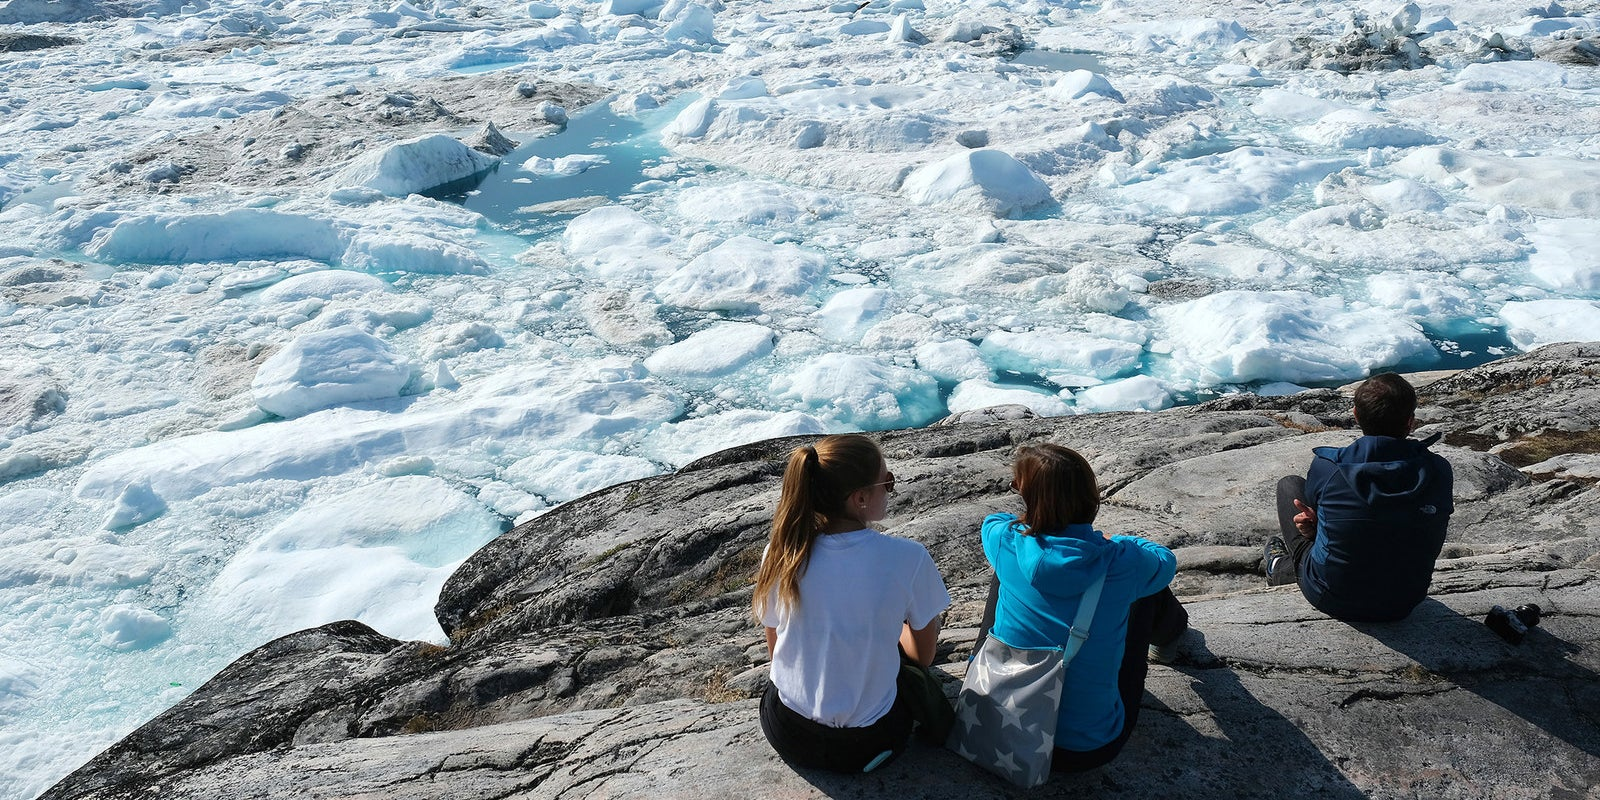 Groenlandia se derrite 7 veces más rápido que hace 30 años